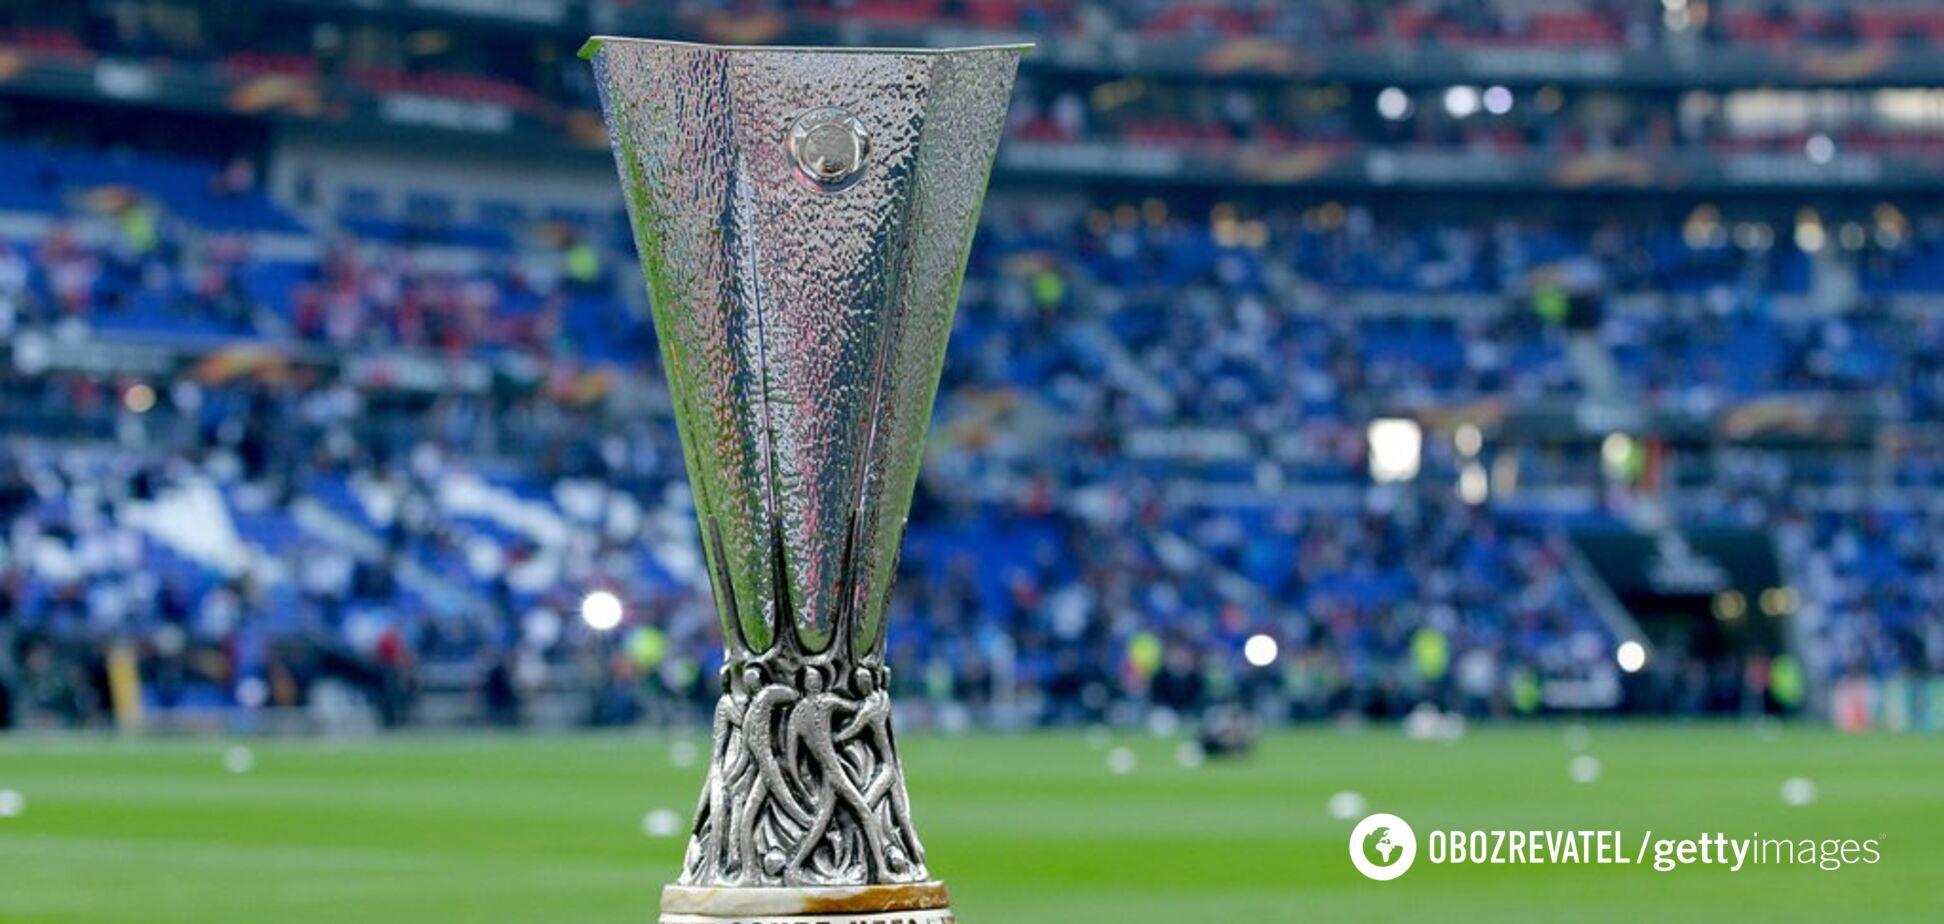 Жеребкування чвертьфіналу Ліги Європи: коли і де дивитися онлайн